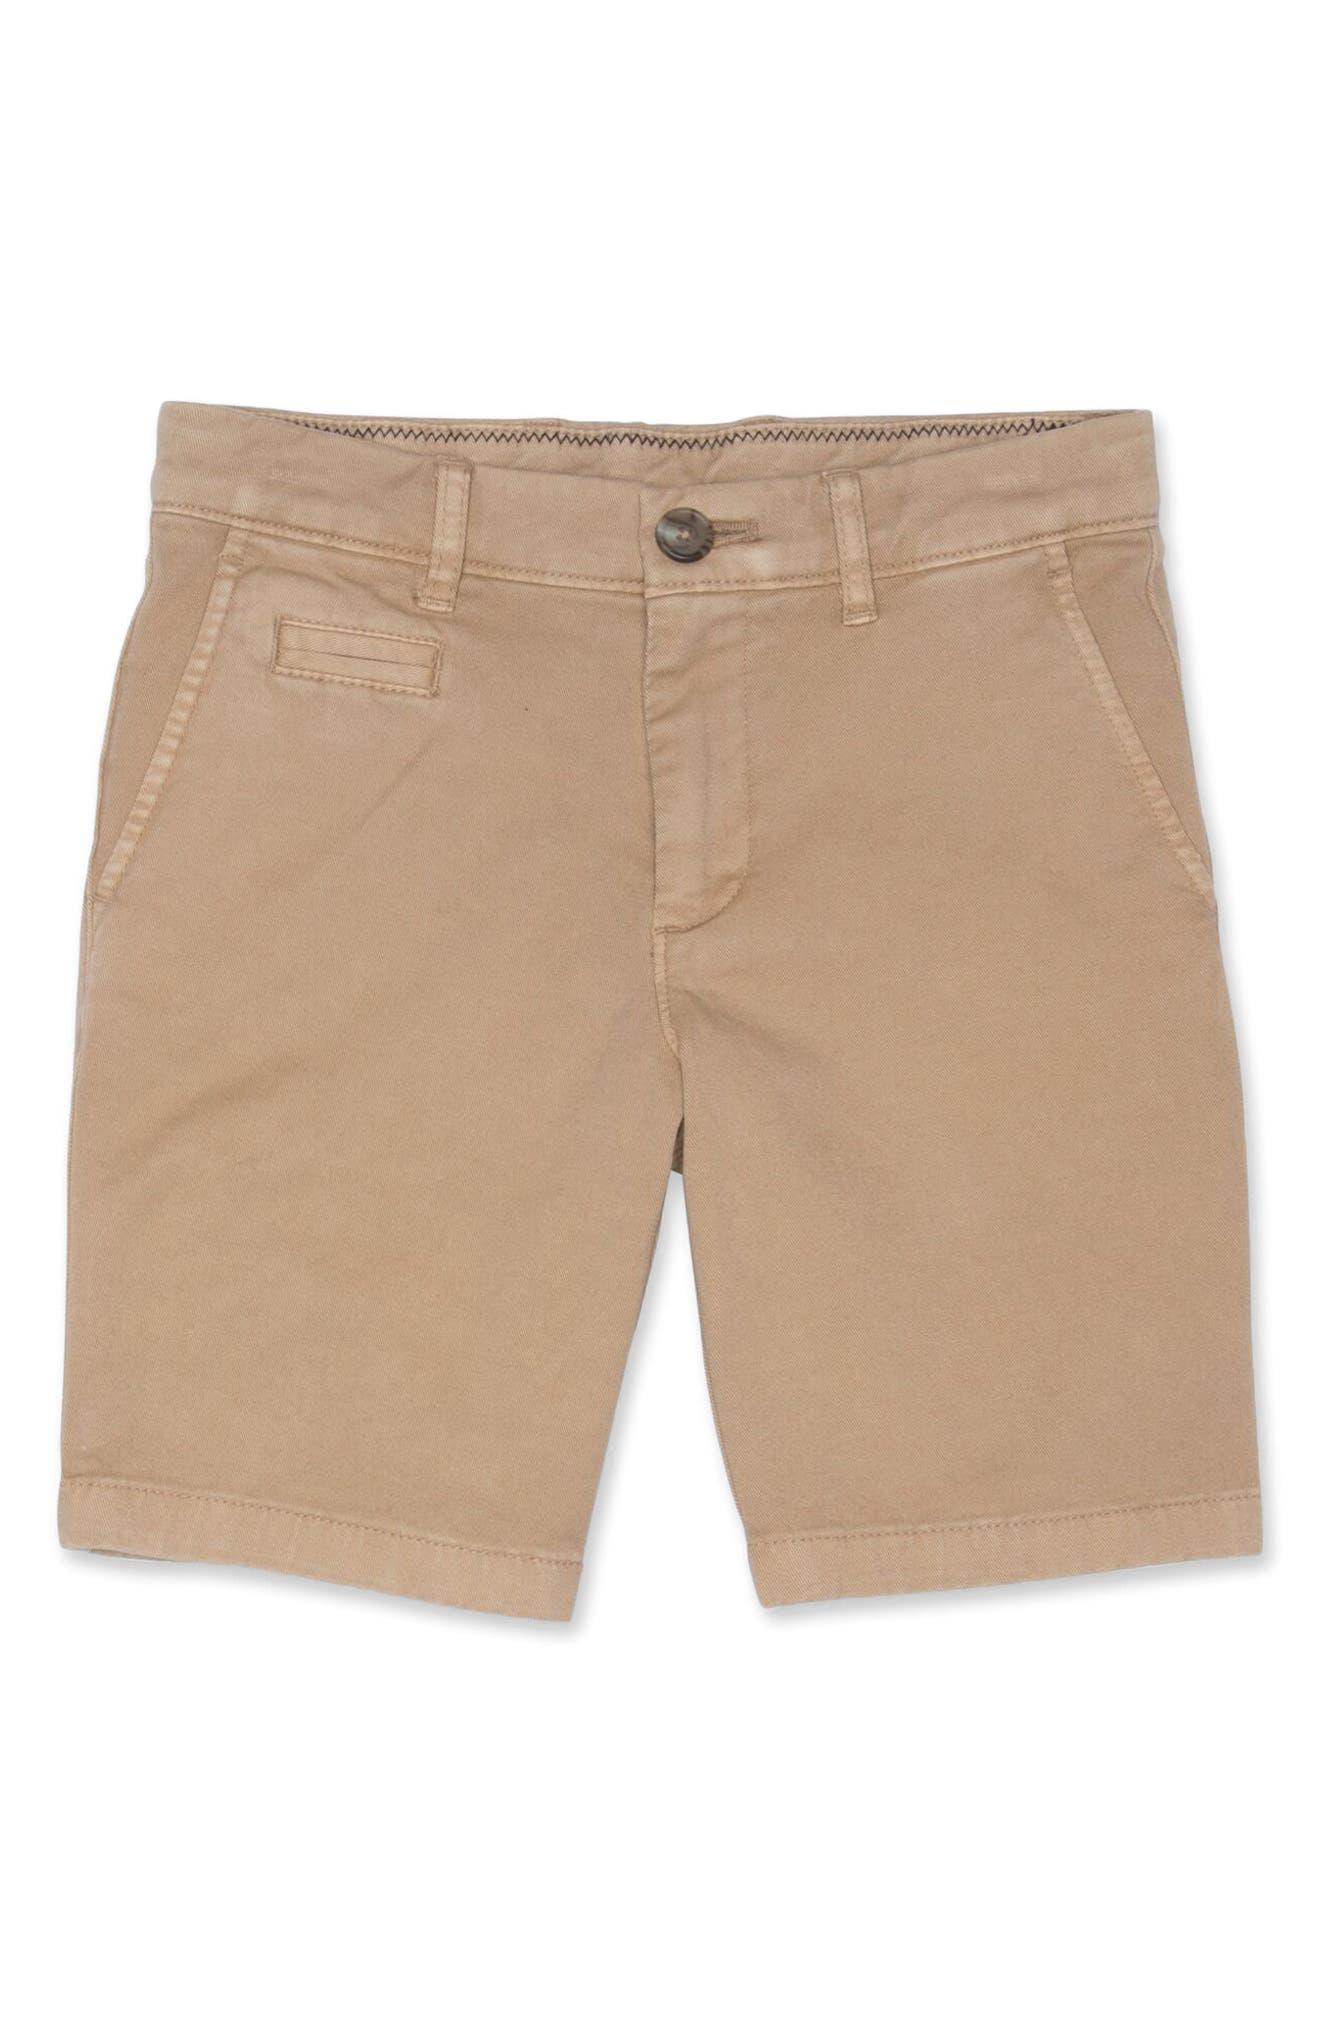 Boys JohnnieO Neal Twill Shorts Size 16  Blue